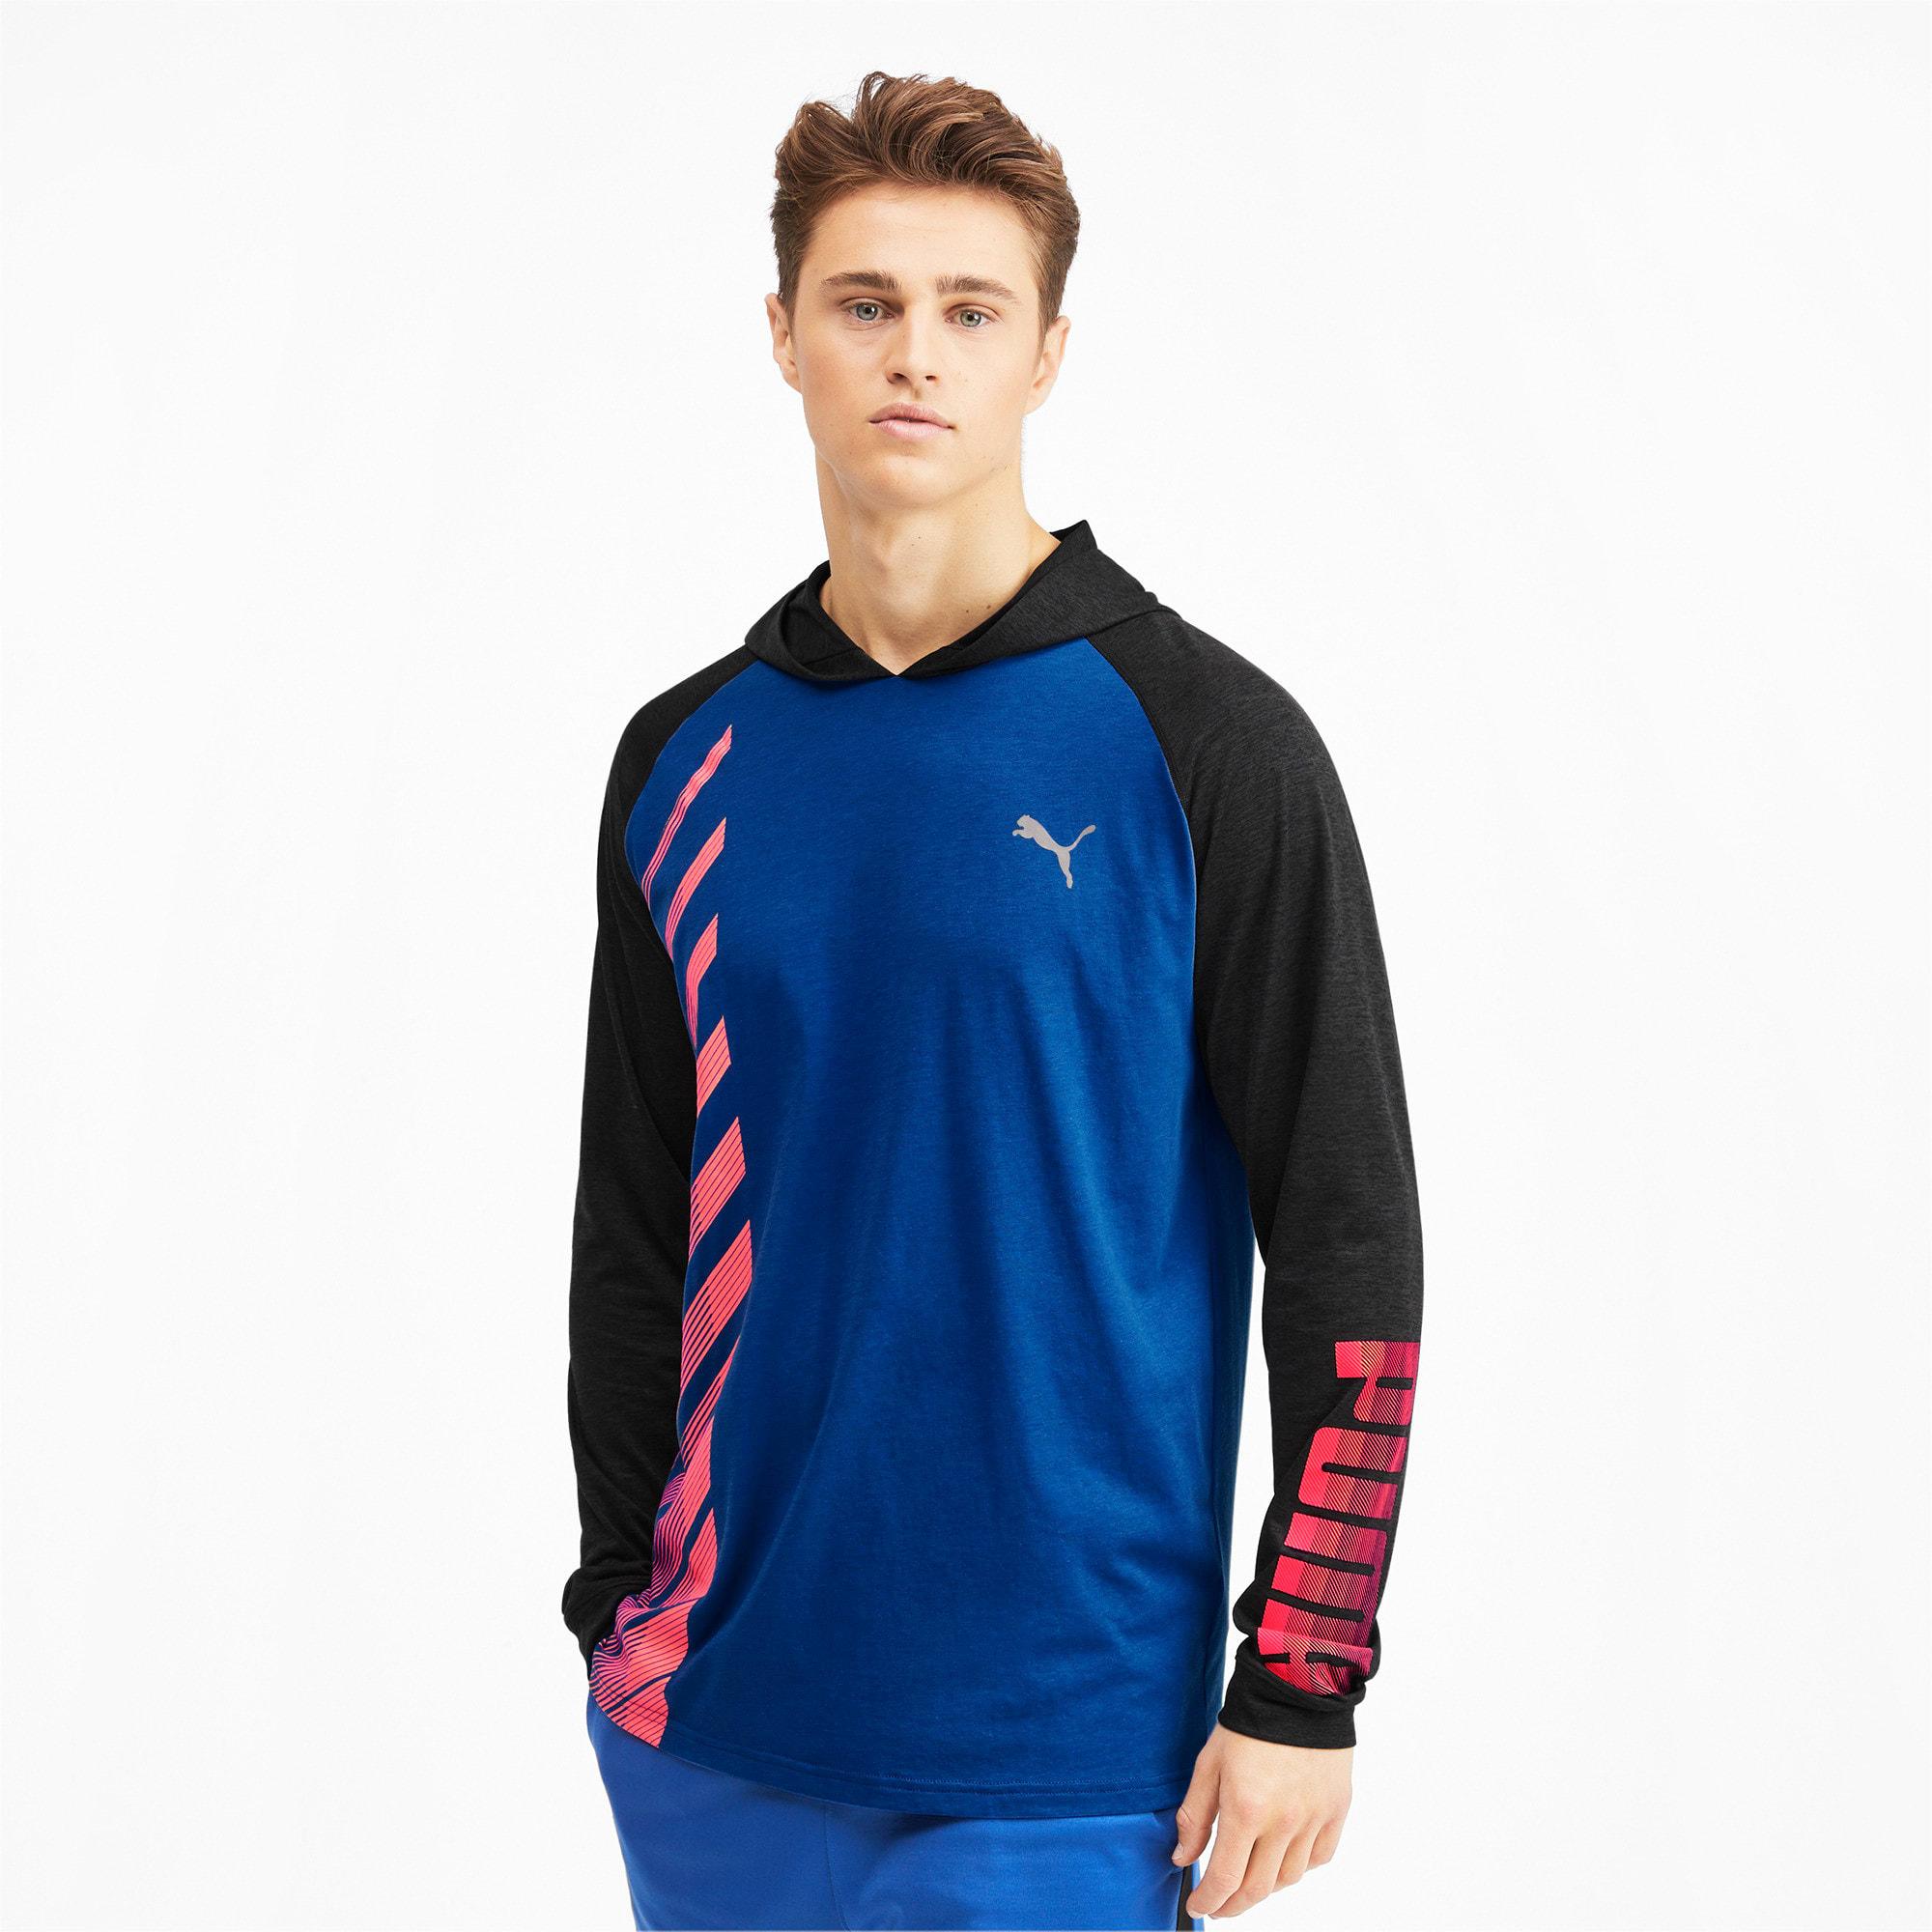 Miniatura 2 de Camiseta Collective con capucha y mangas largas para hombre, Galaxy Blue-Black Heather, mediano